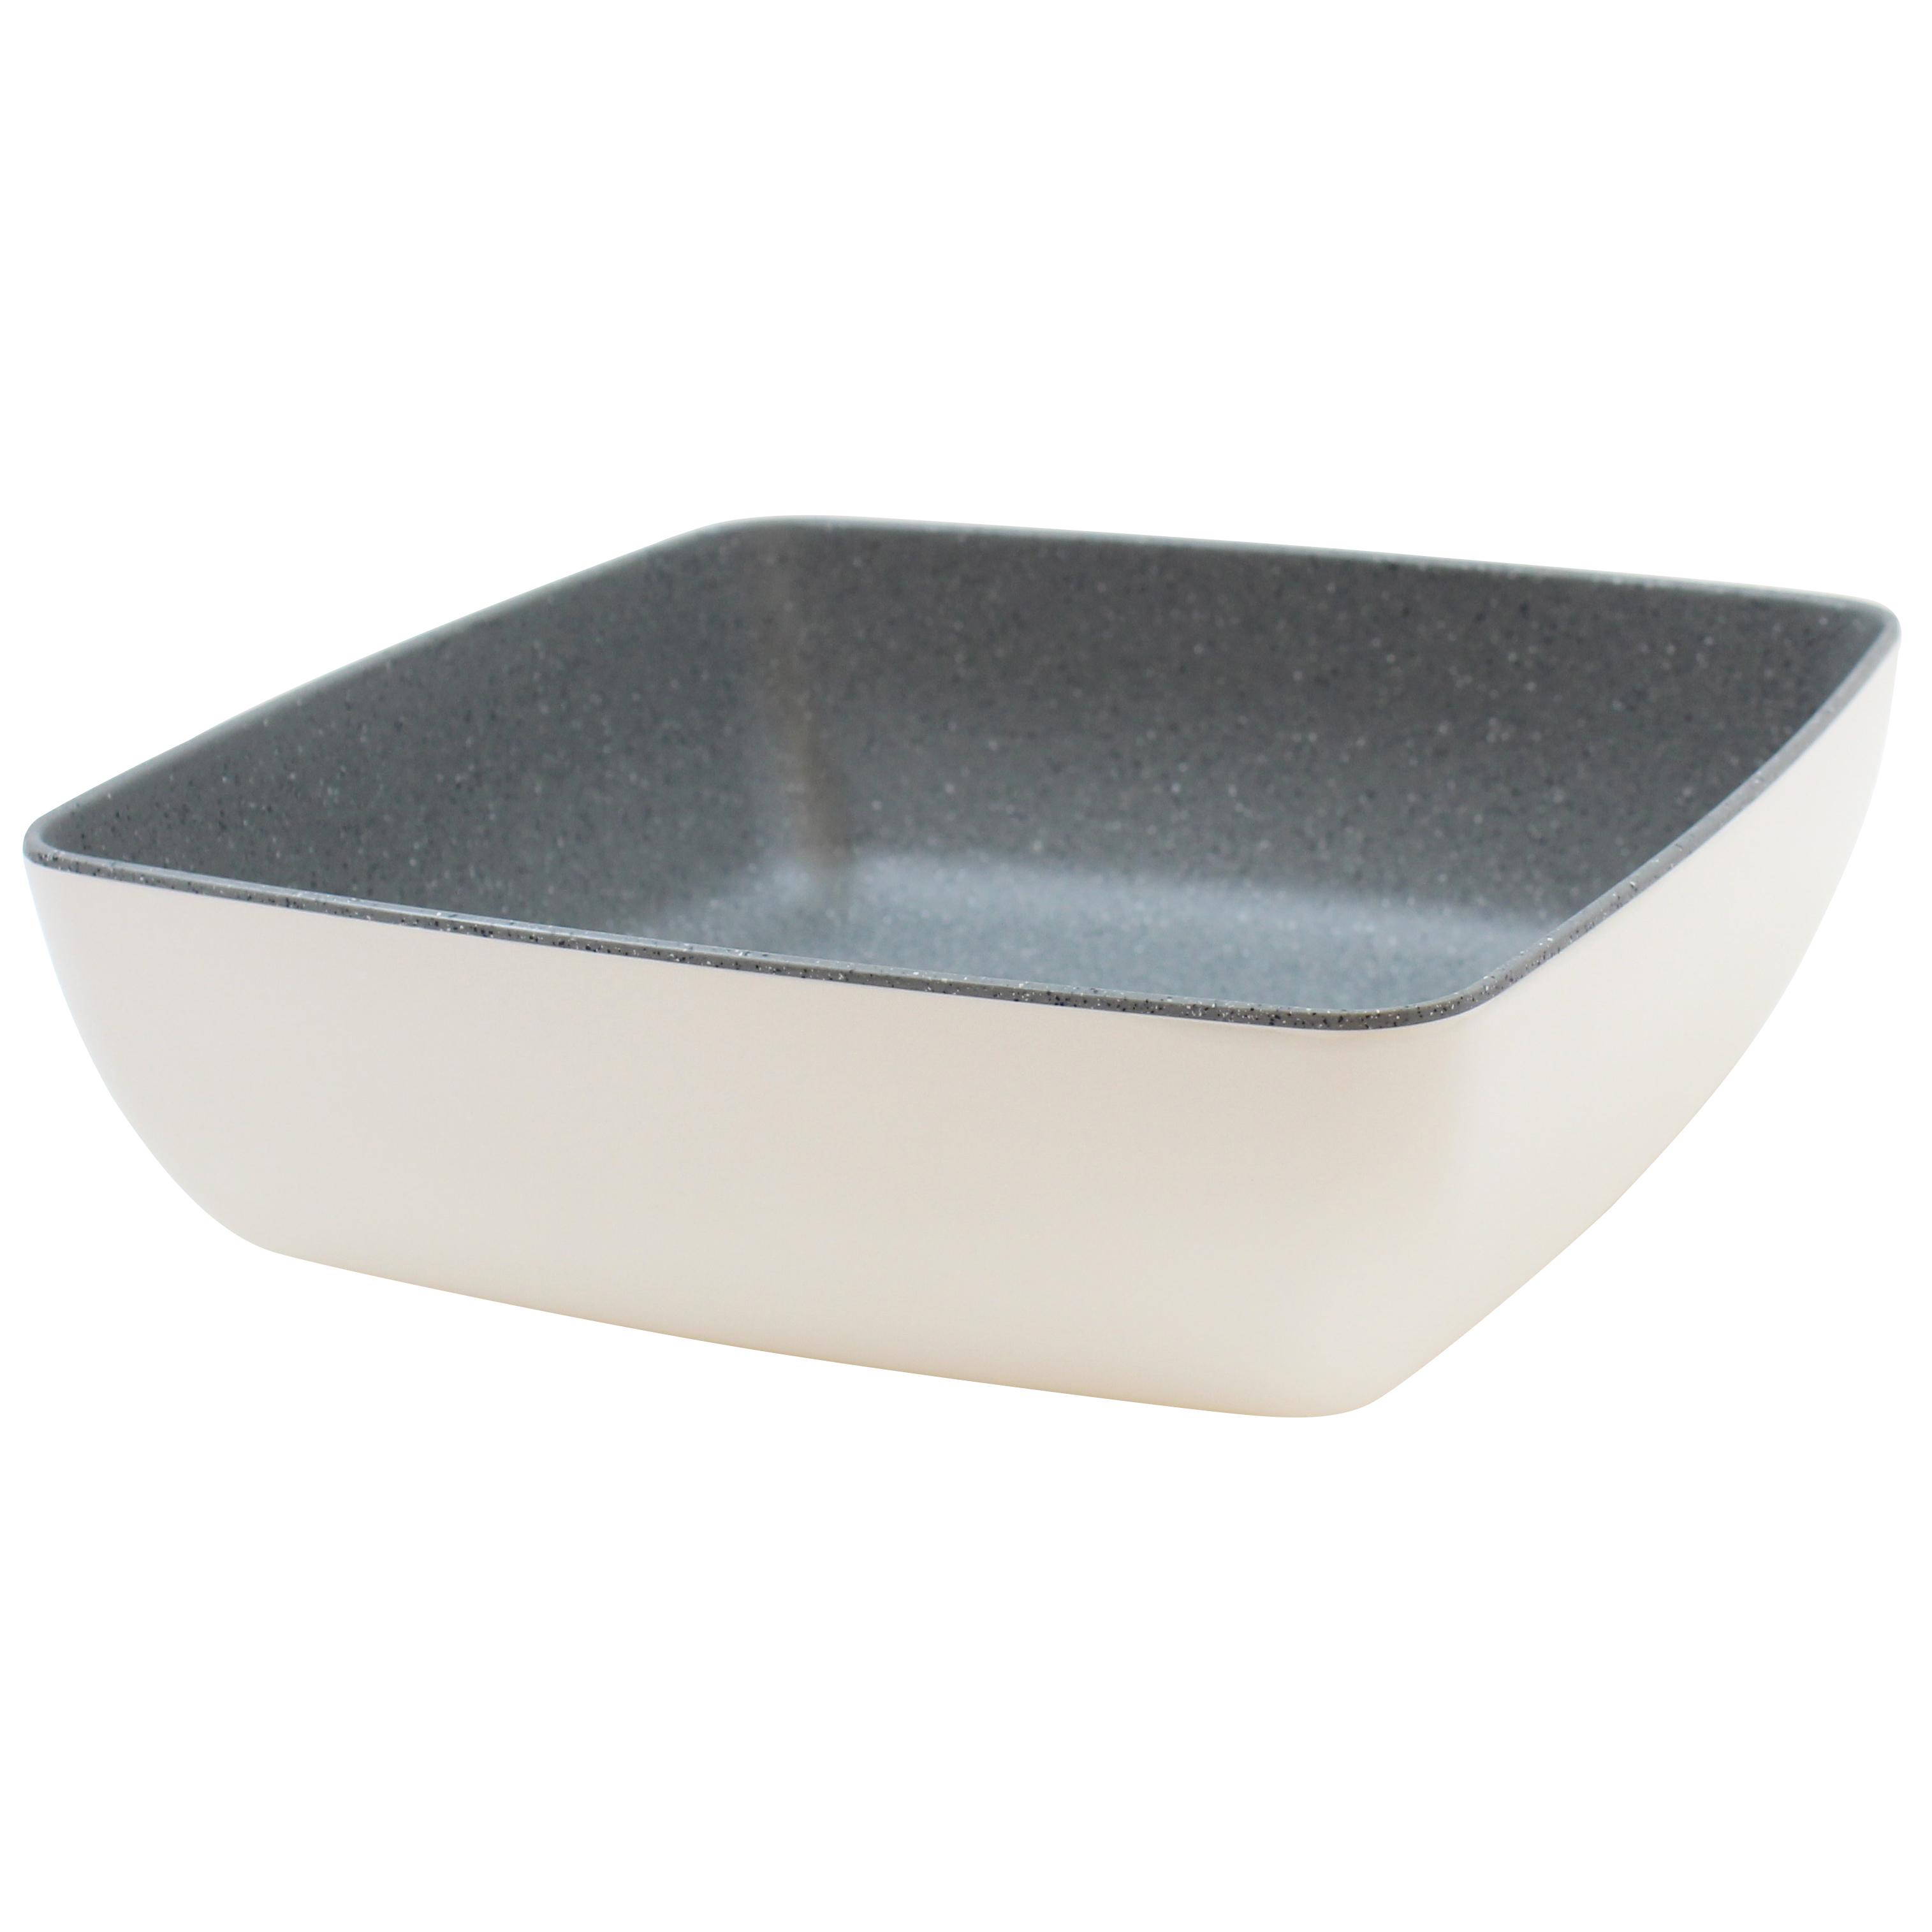 TableCraft Products MGN10WHGNT bowl, plastic,  3 - 4 qt (96 - 159 oz)